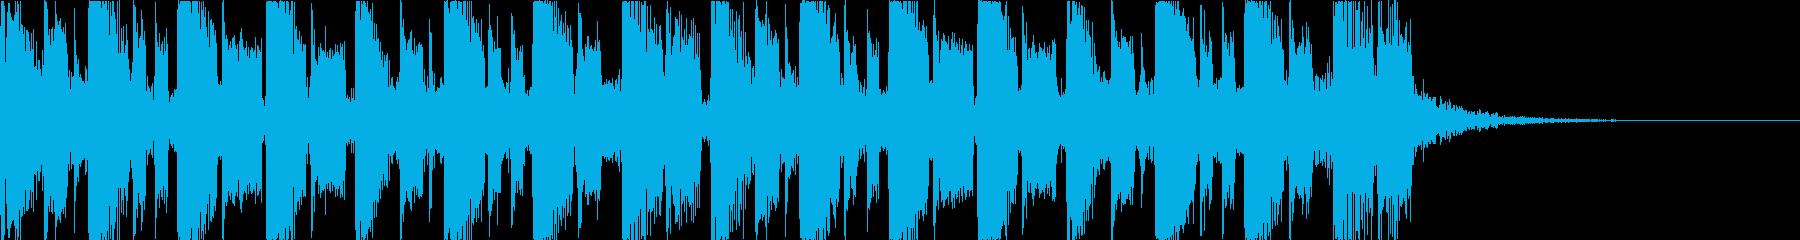 キャッチーで深みのあるEDM2の再生済みの波形